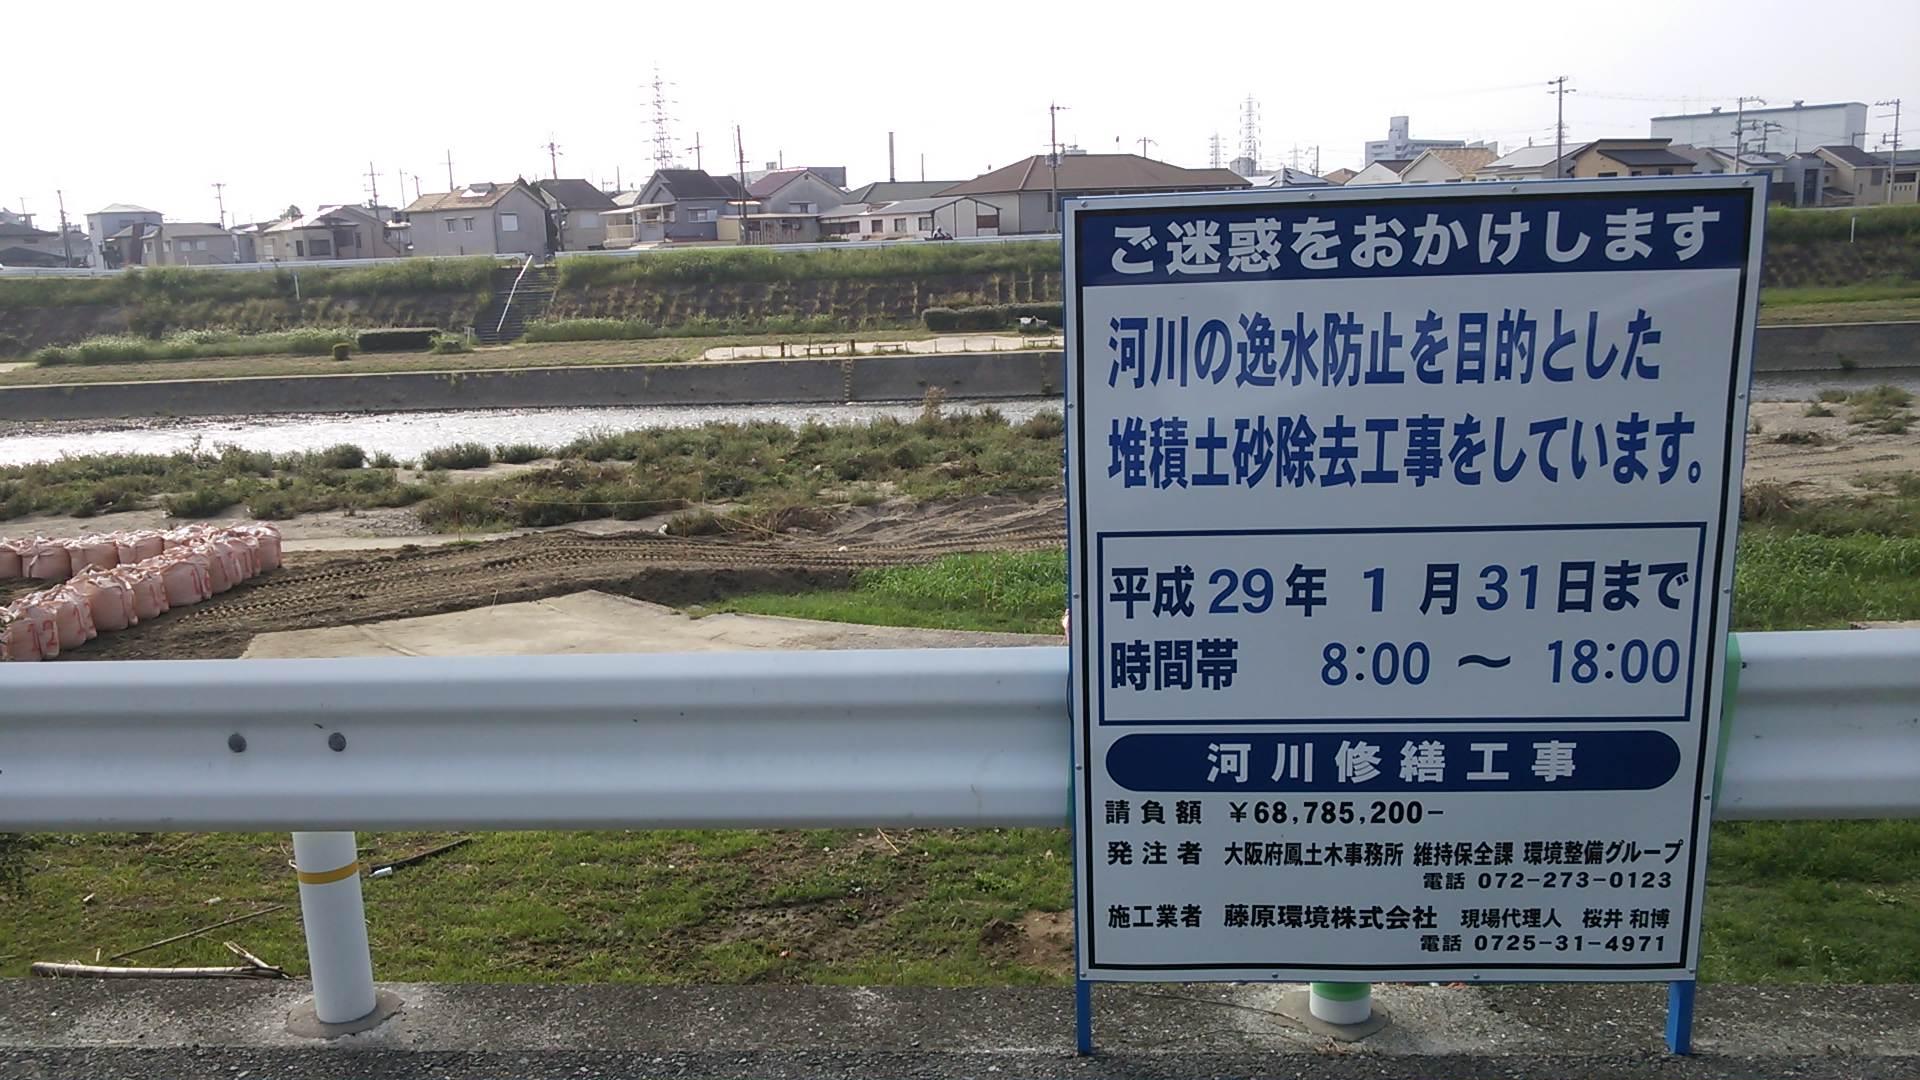 大津川の堆積土砂撤去工事が行われています!